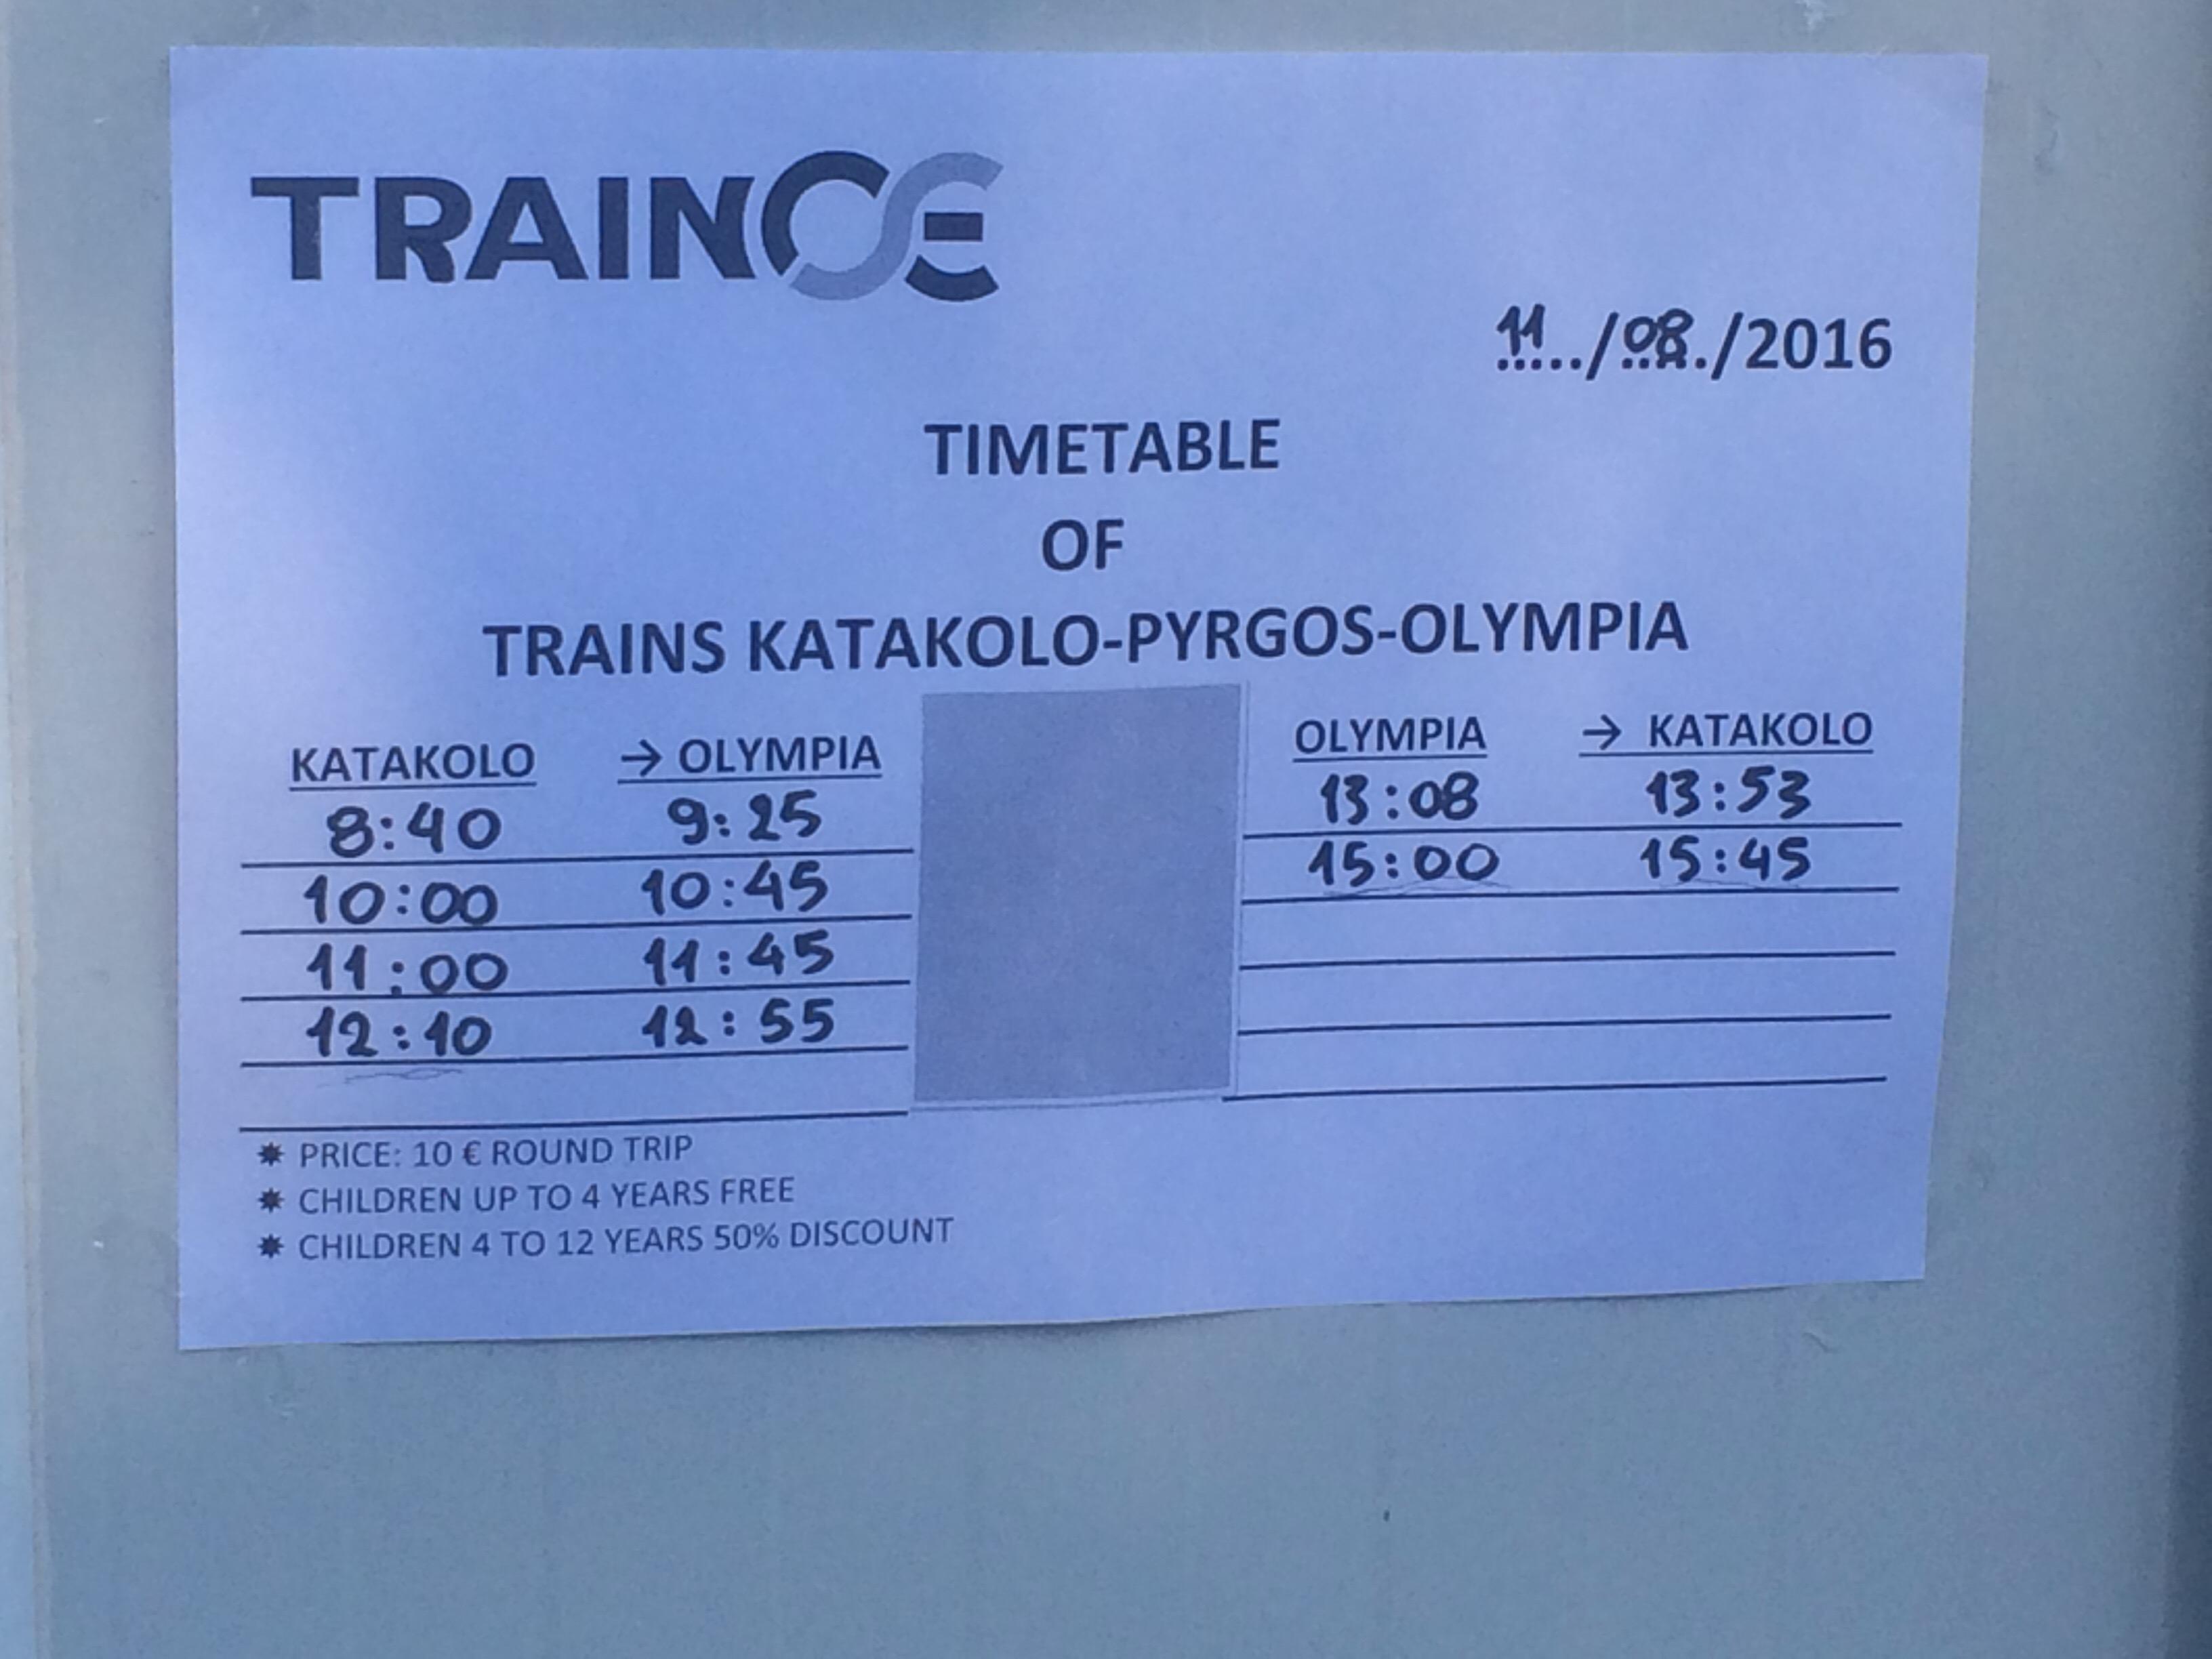 Hoe laat gaat de trein